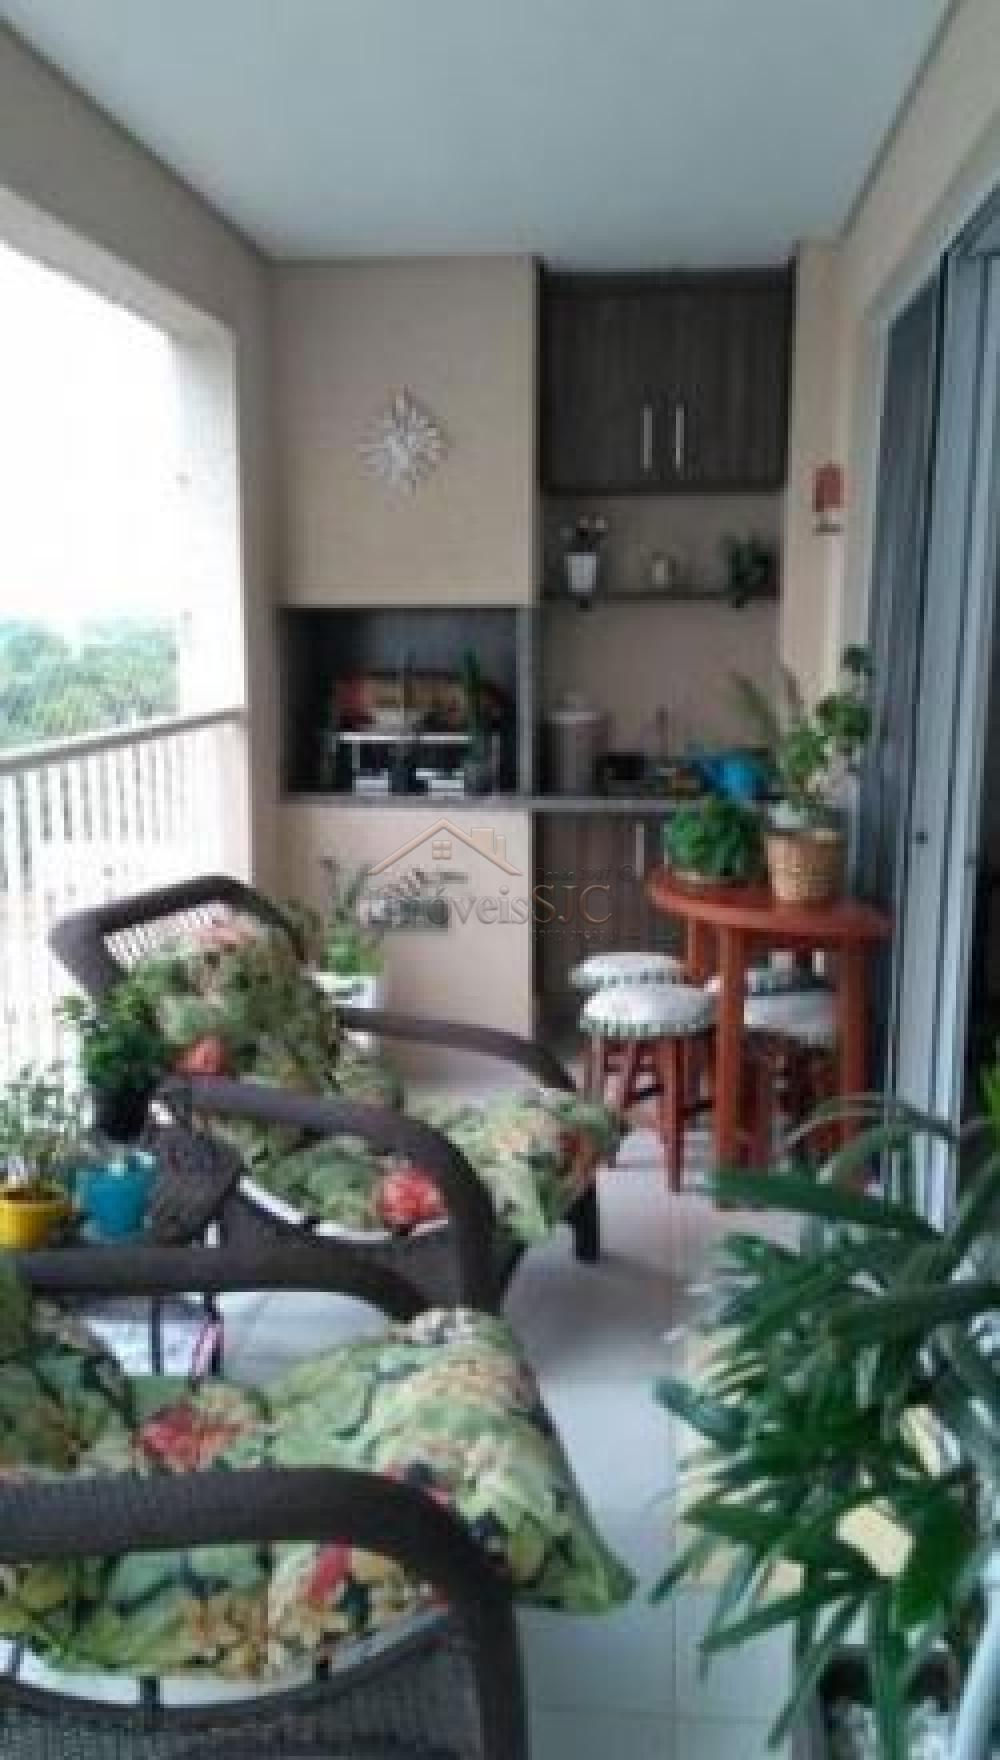 Comprar Apartamentos / Padrão em São José dos Campos apenas R$ 630.000,00 - Foto 6